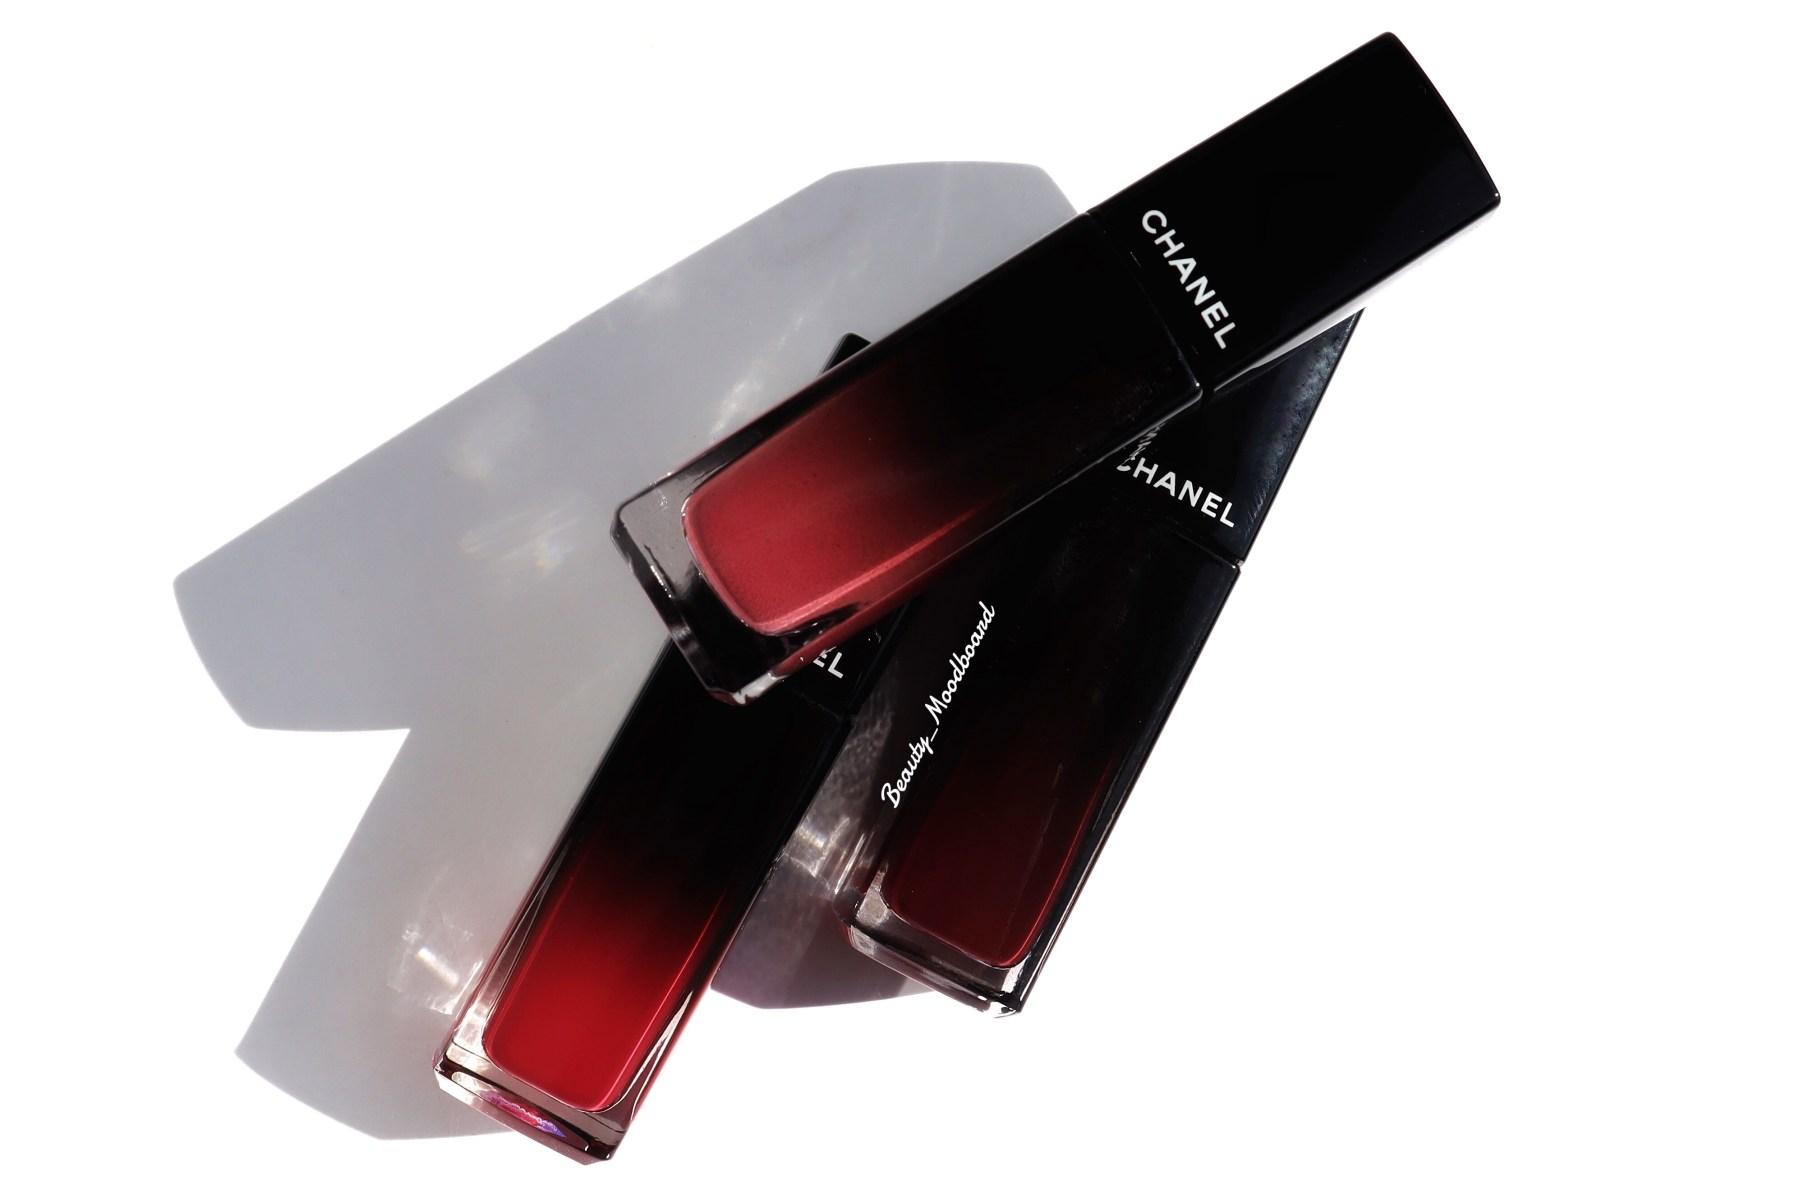 Nouveaux Rouge Allure Laque Chanel